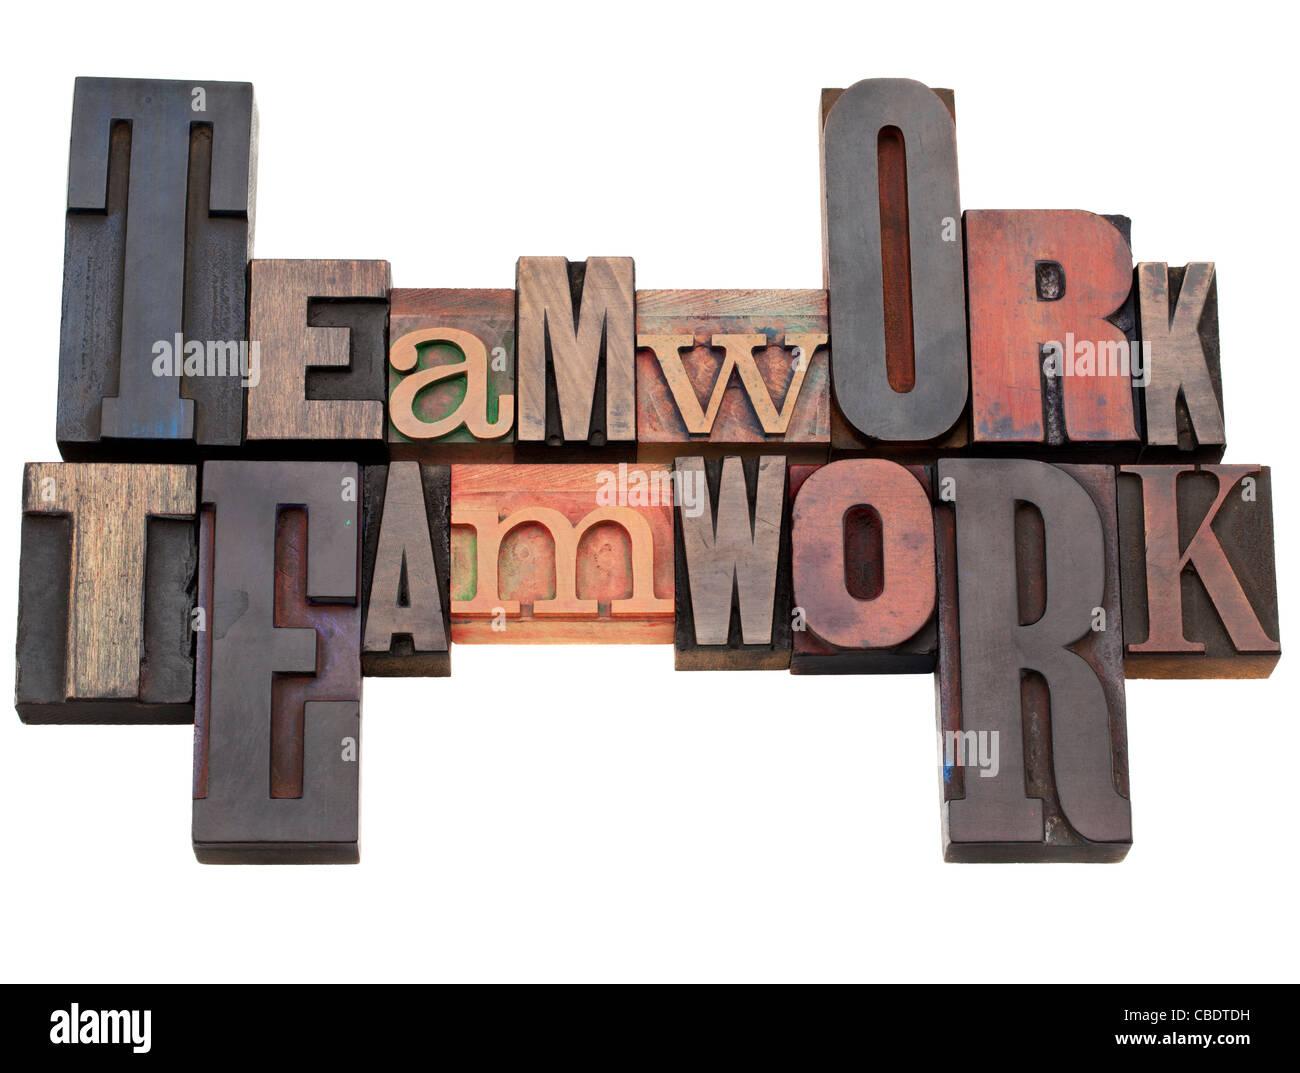 Teamarbeit - isoliertes Wort abstrakt in Vintage Holz Buchdruck Druckstöcken Stockbild